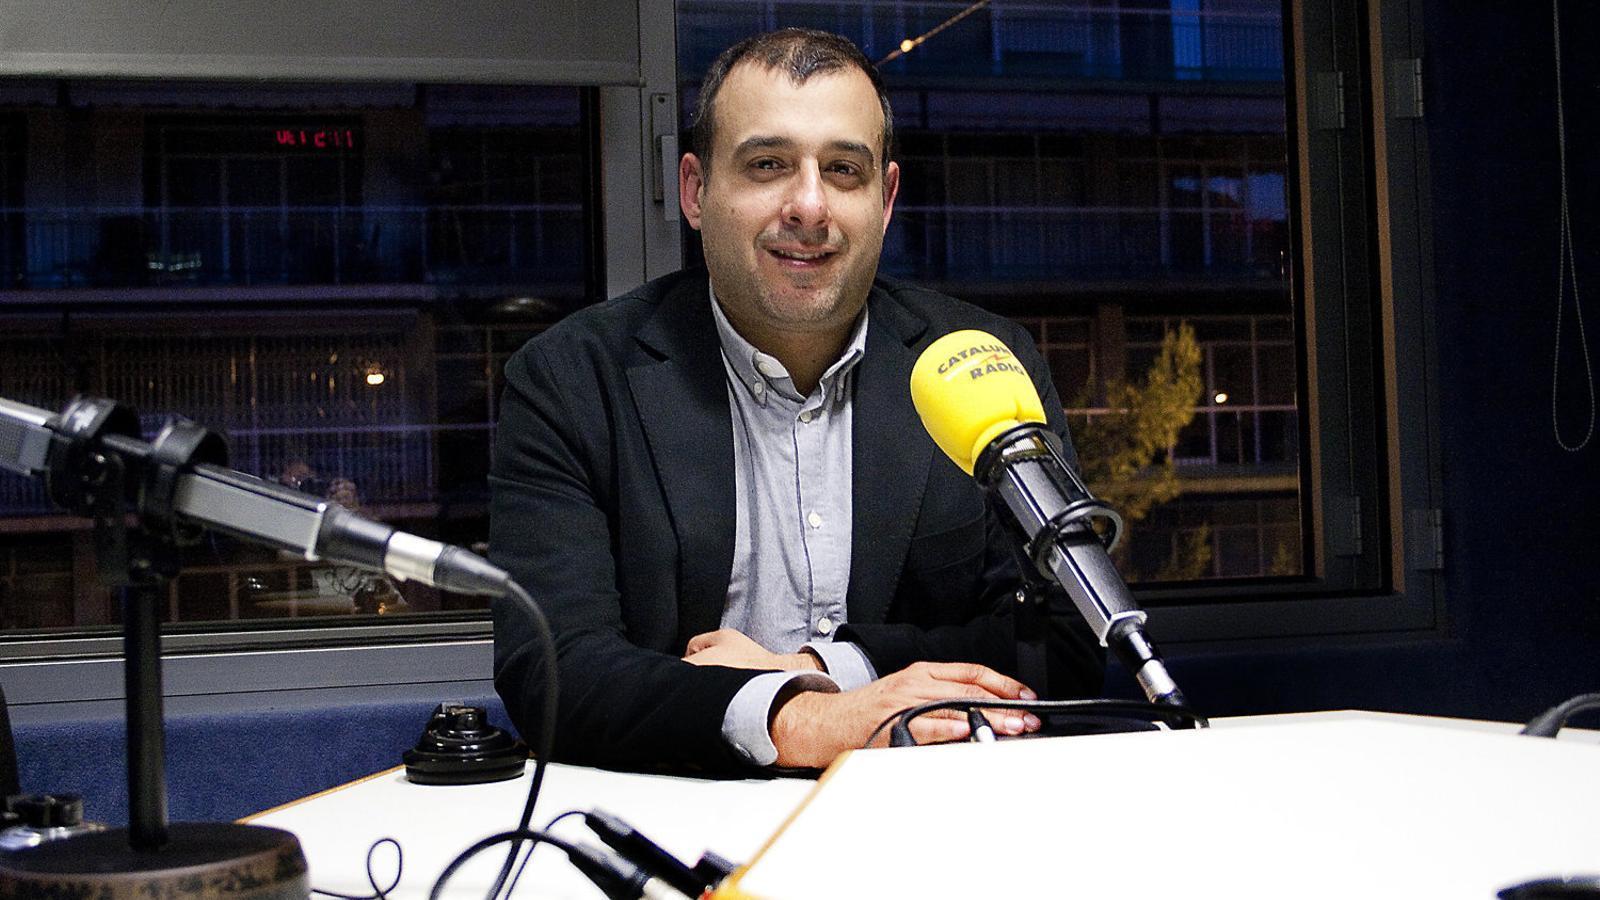 """RICARD TORQUEMADA : """"Quim Puyal és insubstituïble i únic, transcendeix el futbol"""""""